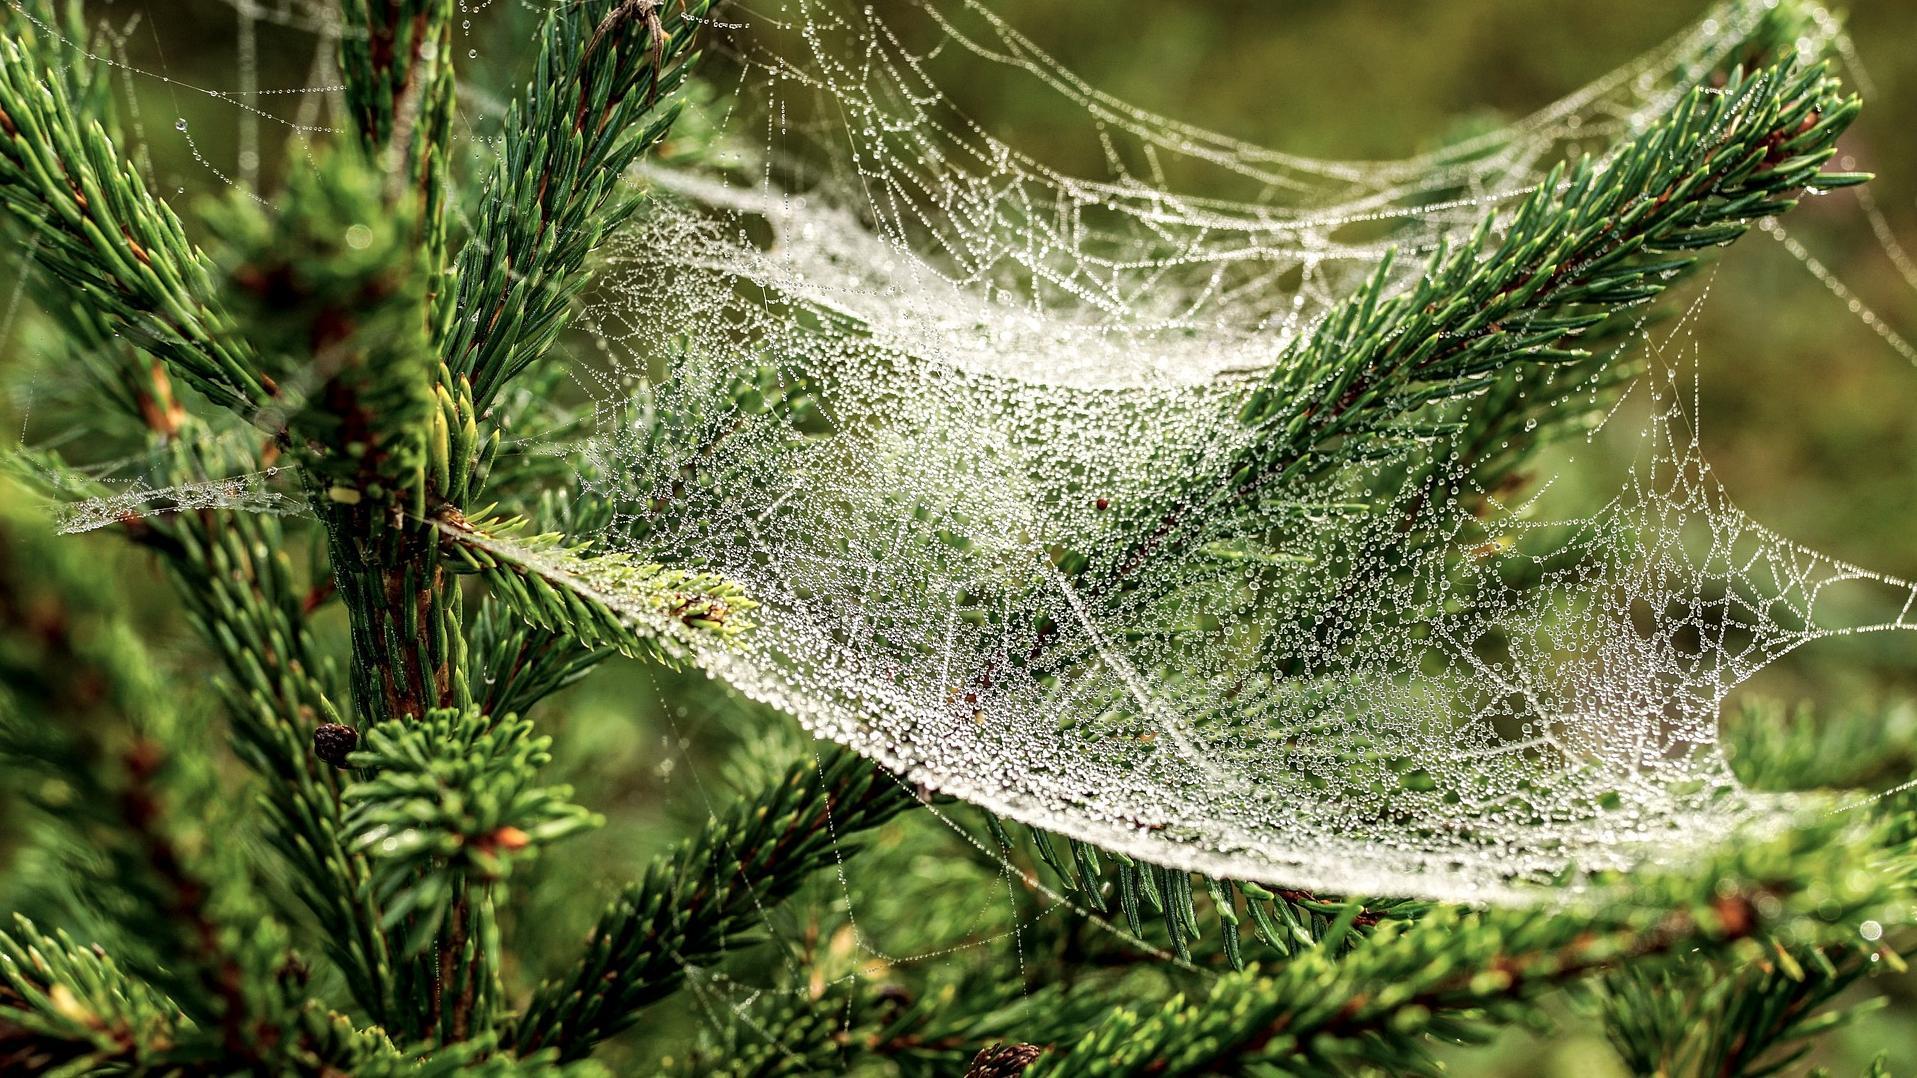 Das Spinnennetz ist in der Ukraine eine traditionelle Weihnachtsdekoration